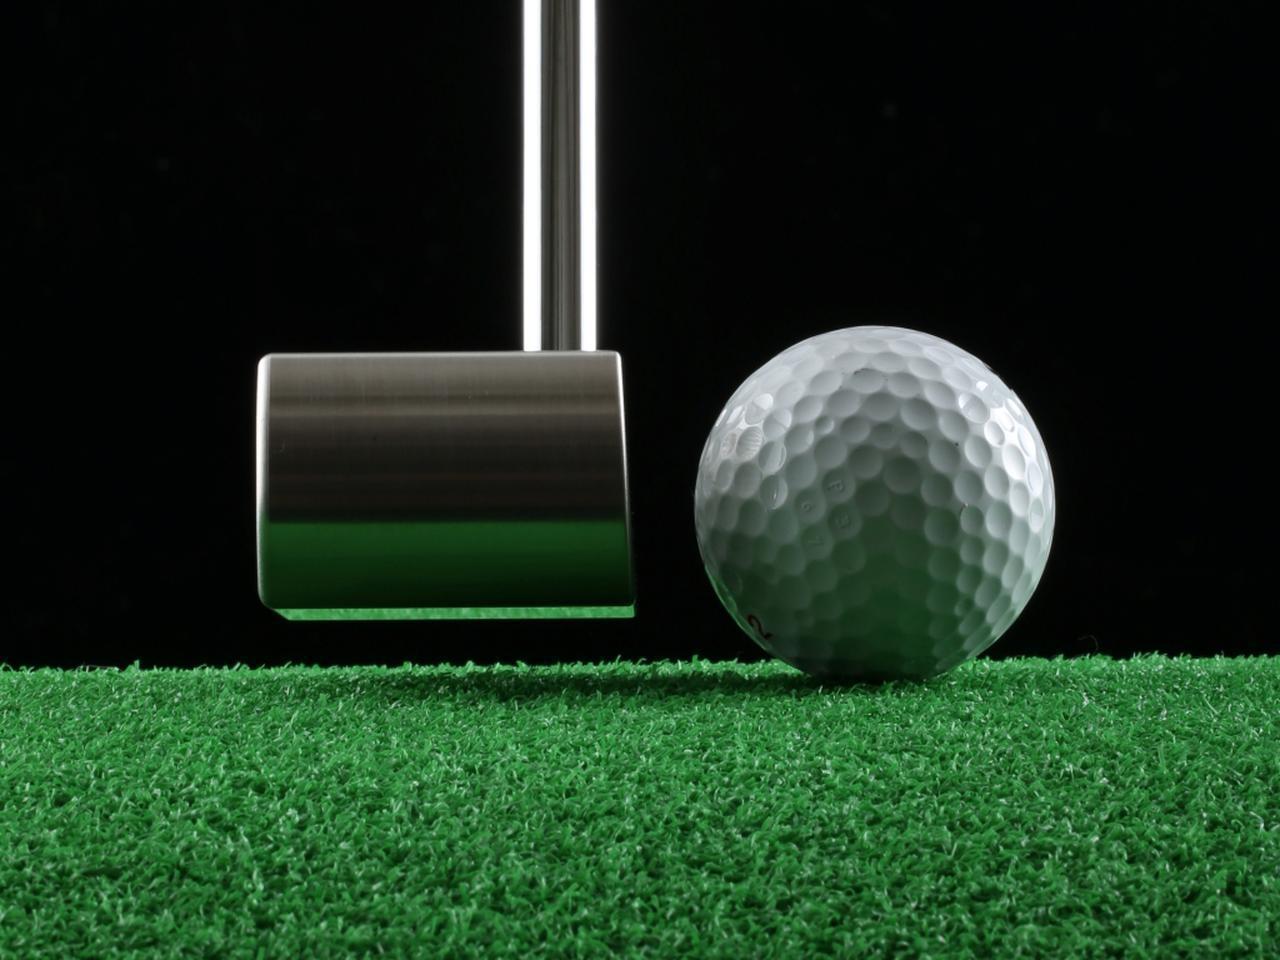 画像: 【パット練習】驚く(O)ほど入る(H)ようになるパット練習器! 軟鉄削り出し練習用リトルパター「OH1」 - ゴルフへ行こうWEB by ゴルフダイジェスト